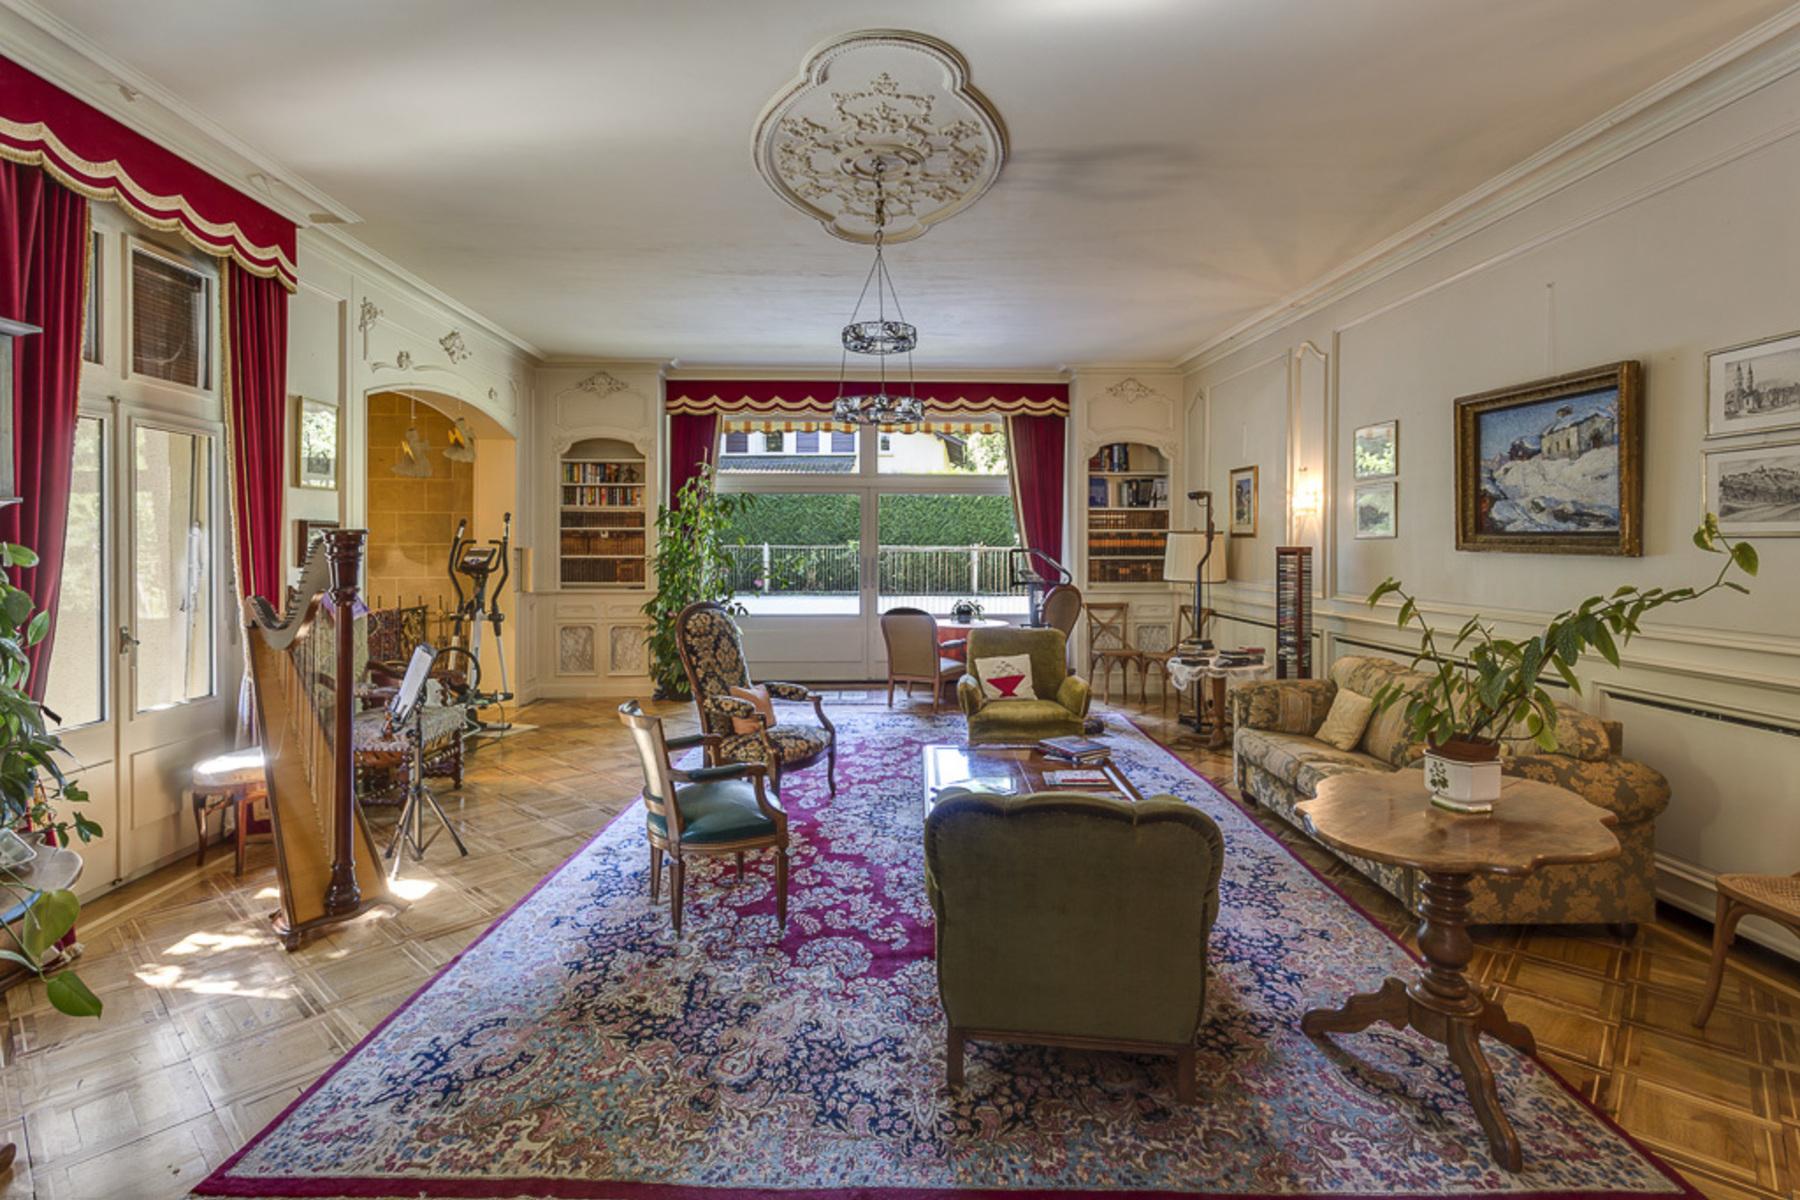 Casa para uma família para Venda às For sale, House, 1224 Chêne-Bougeries, Réf 7677 Chene-Bougeries, Genebra, 1224 Suíça